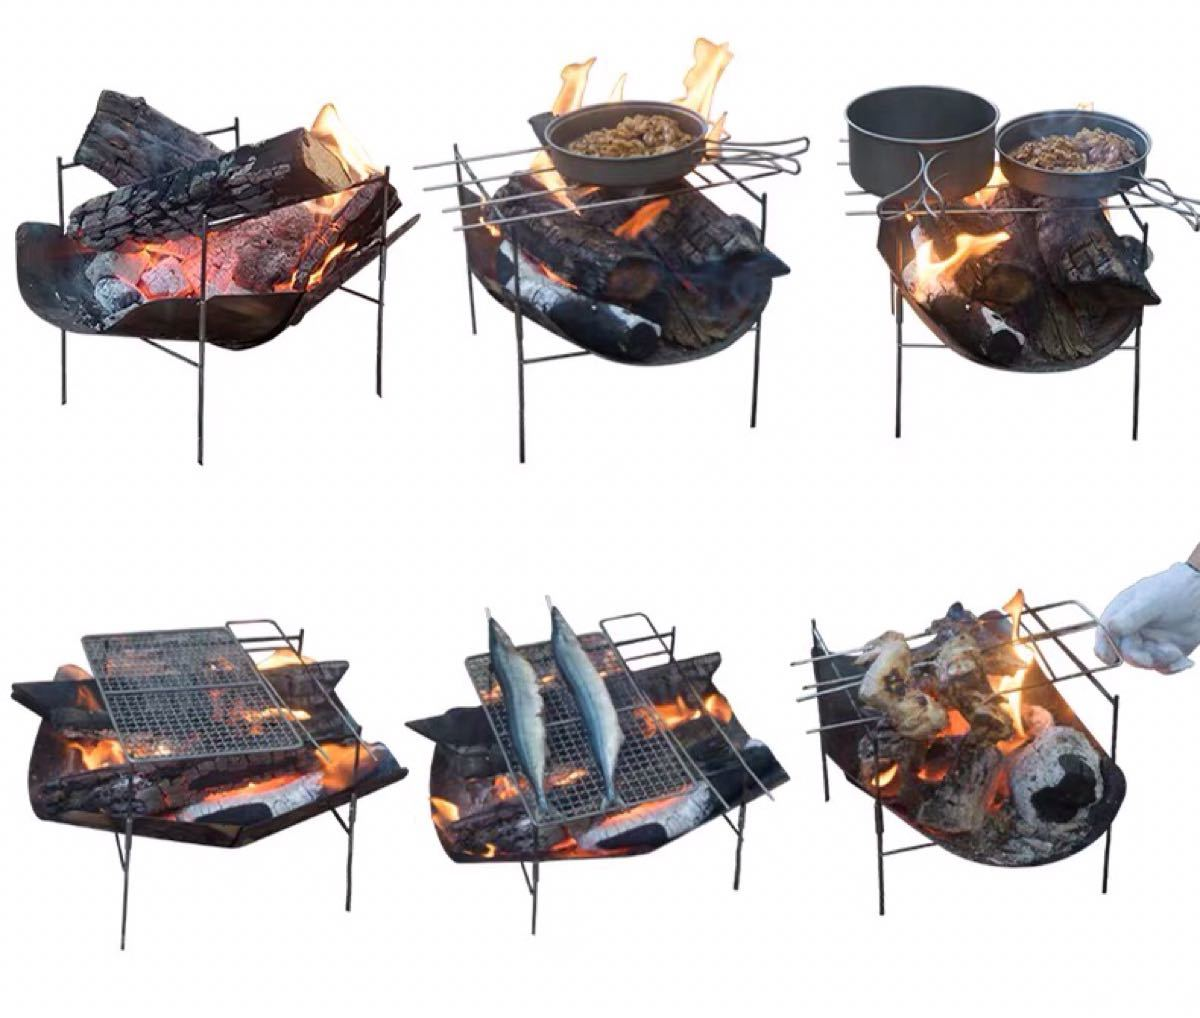 焚き火台 頑丈 キャンプ用品 スピット3本付属 バーベキューコンロ バーベキューグリル ステンレス製 軽量 頑丈